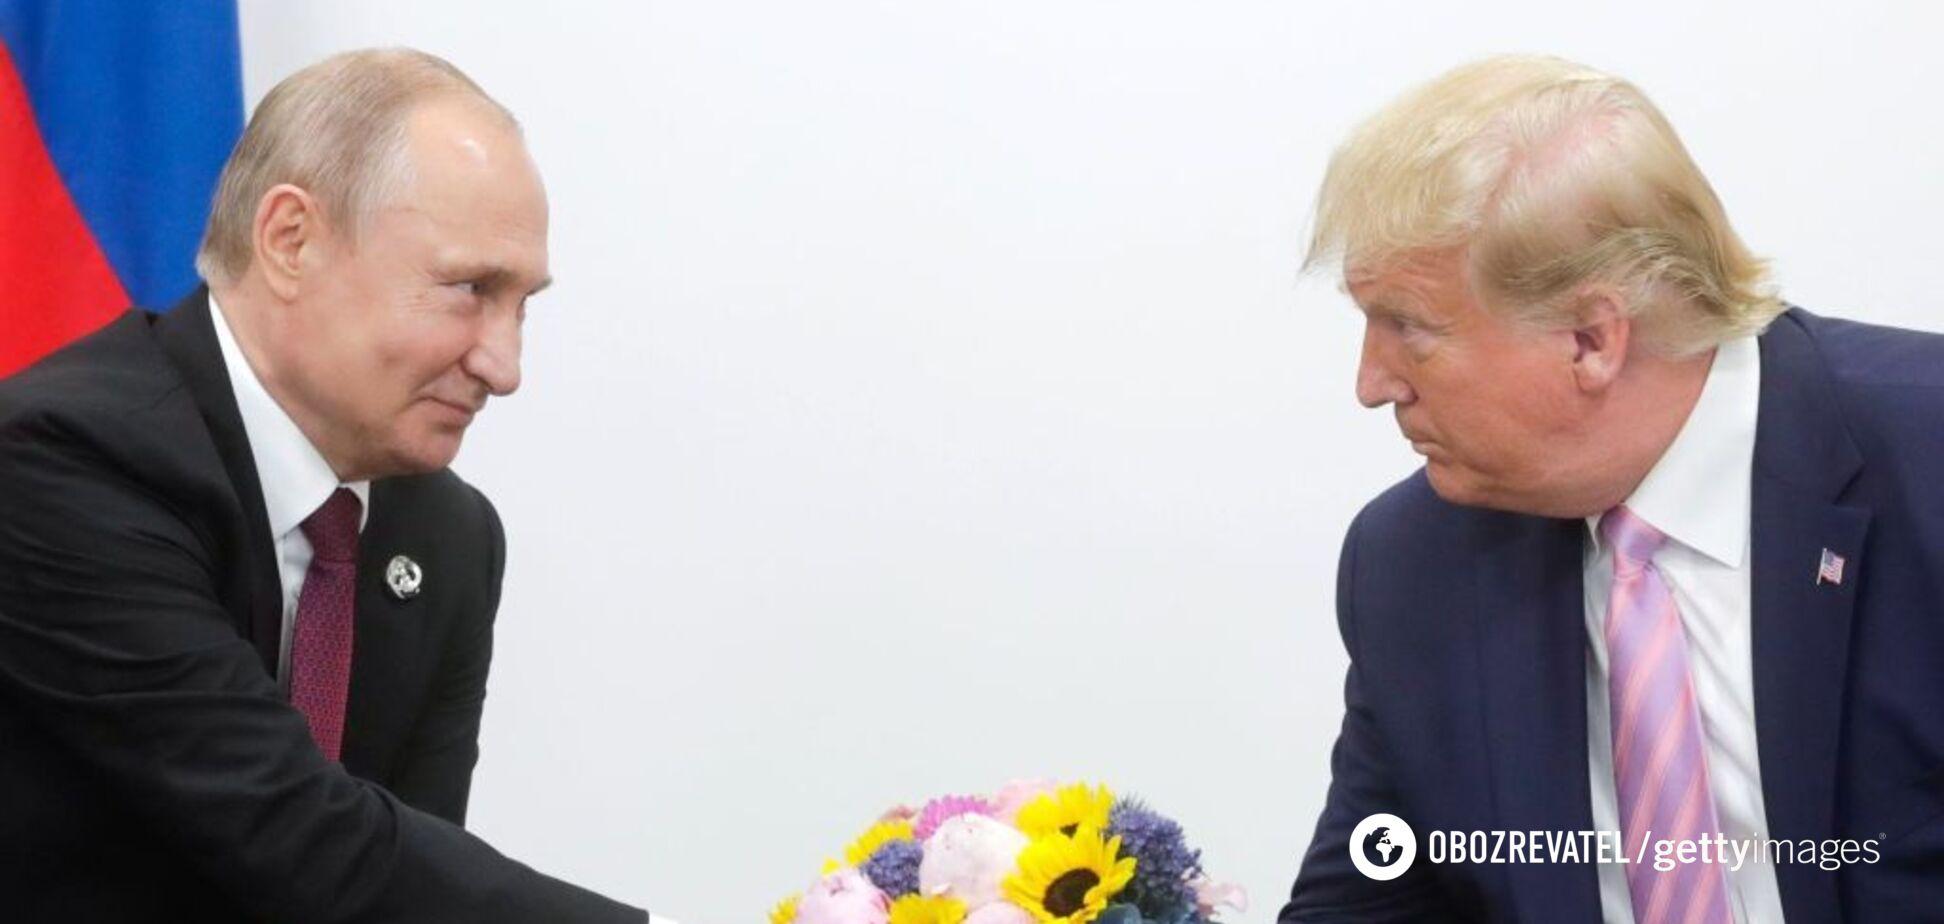 Трамп і Макрон задумали повернути Росію в G8: Німеччина і Британія – проти